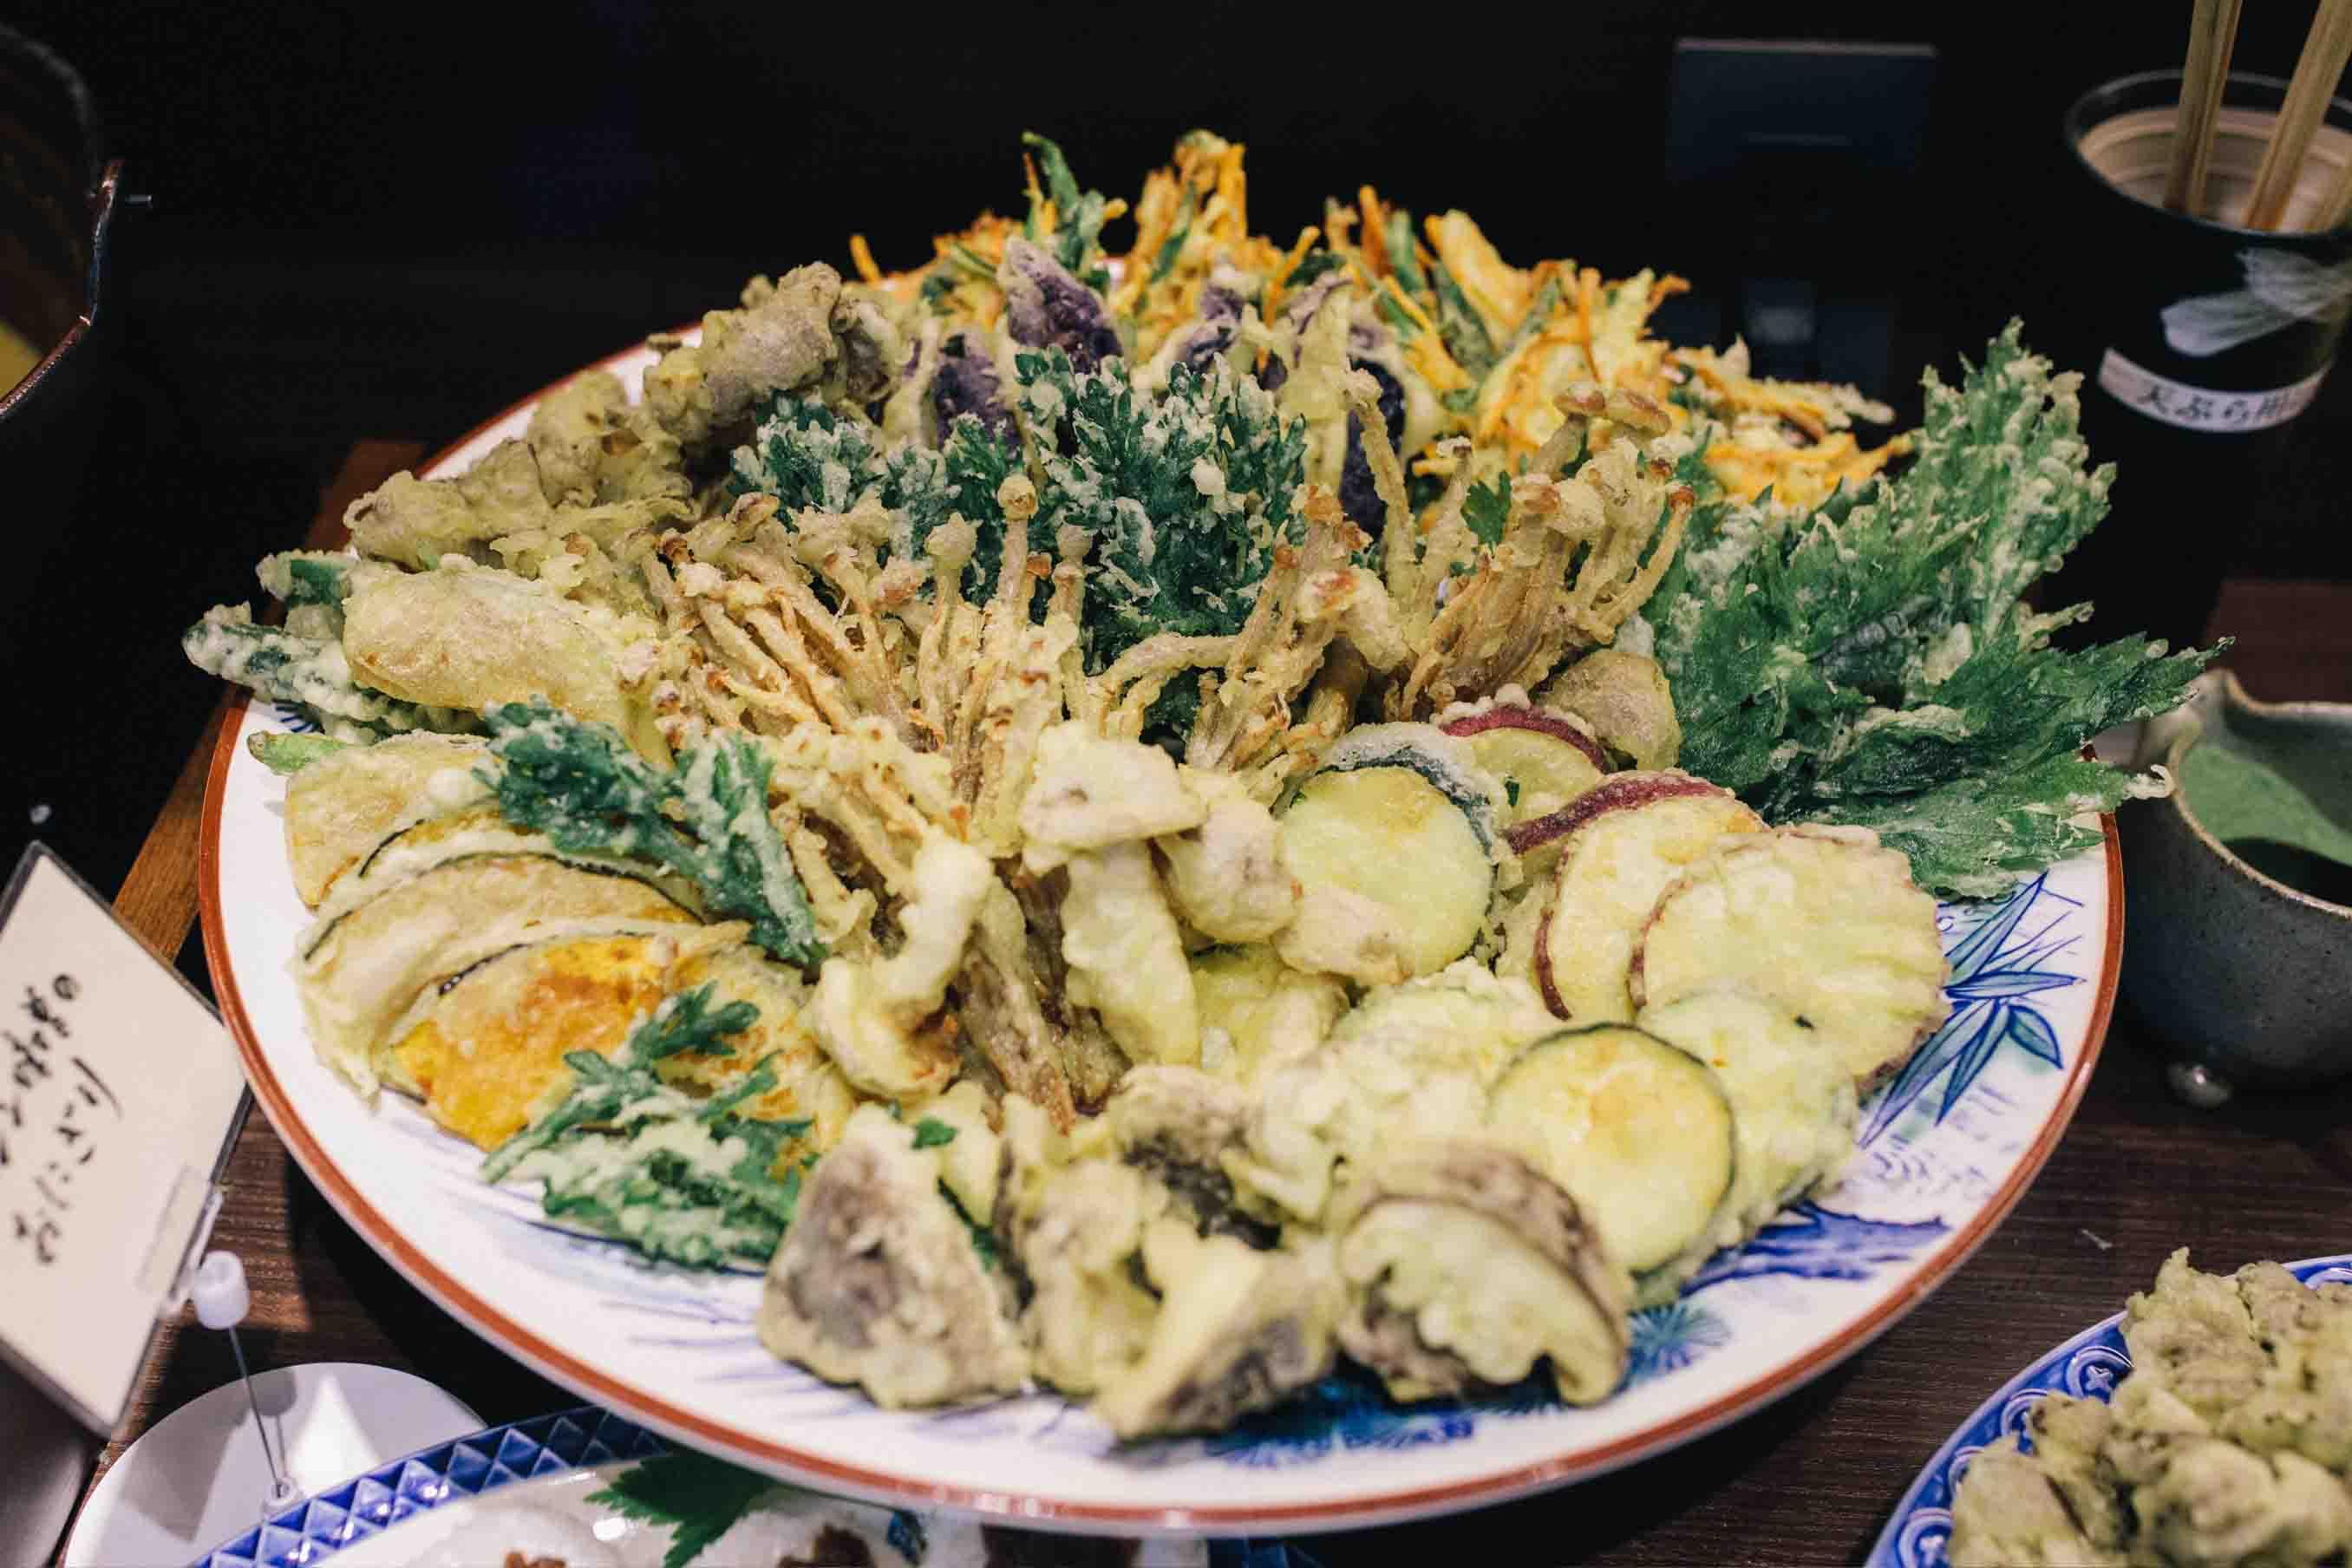 季節の野菜、山菜の天ぷら